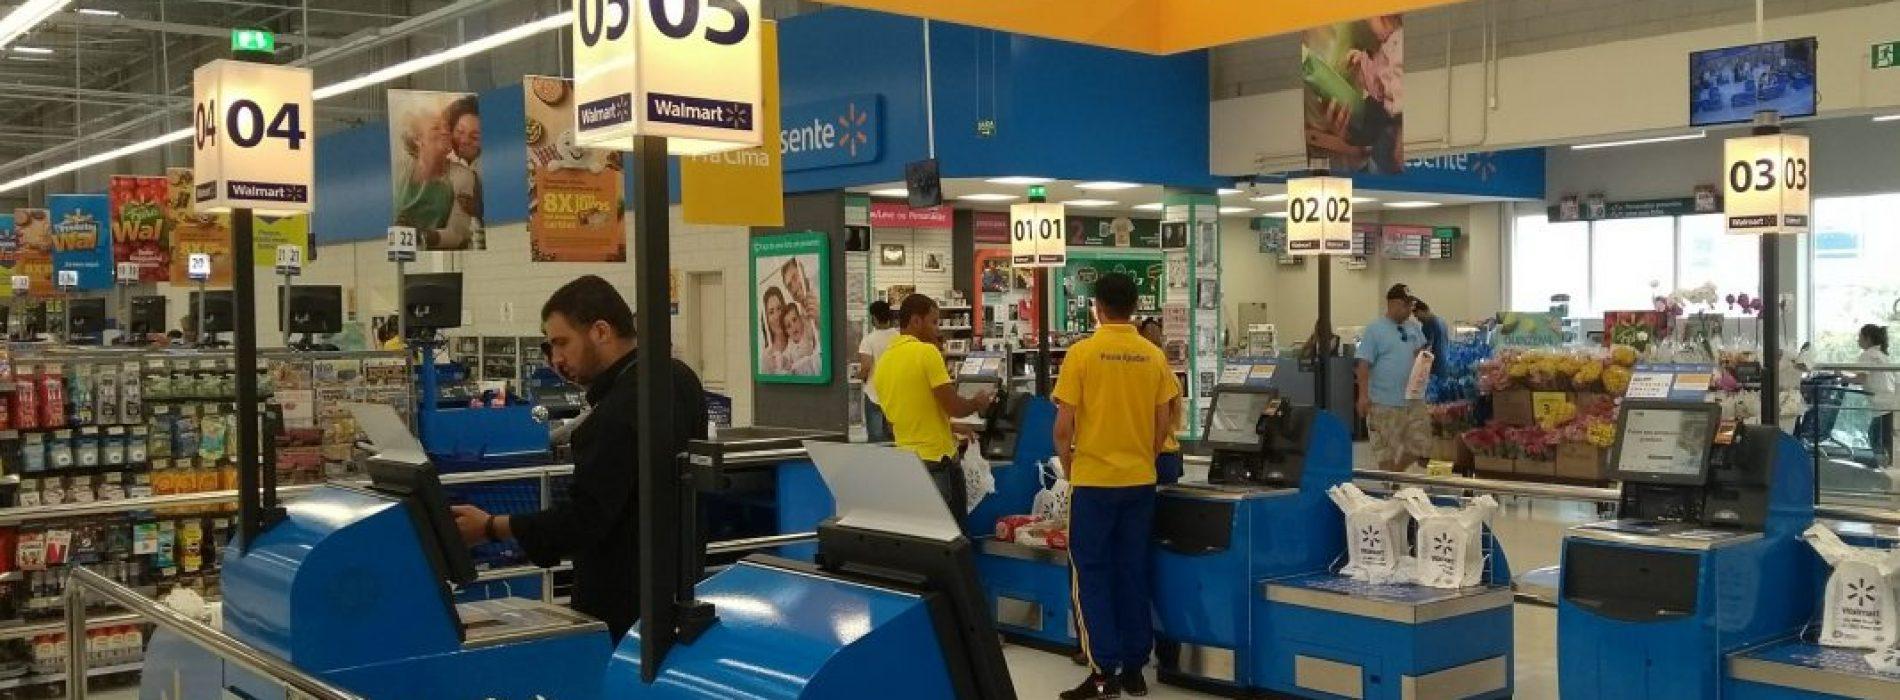 Walmart Brasil instala caixas de autoatendimento em unidade de Alphaville